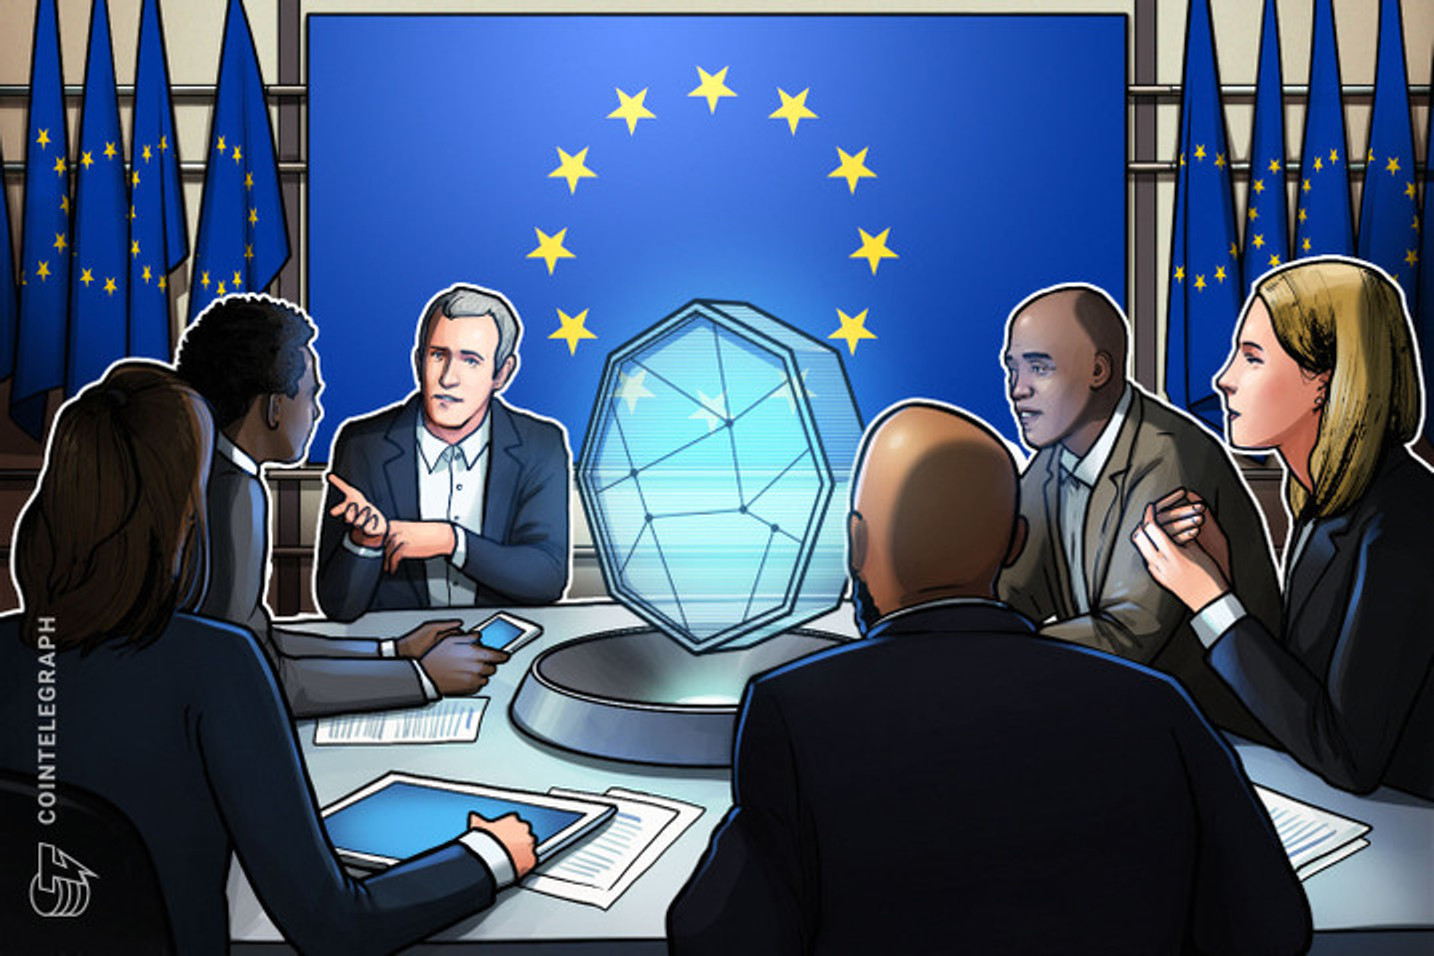 Nuevo decreto en España incorpora normativa europea sobre control e información de servicios vinculados a criptomonedas